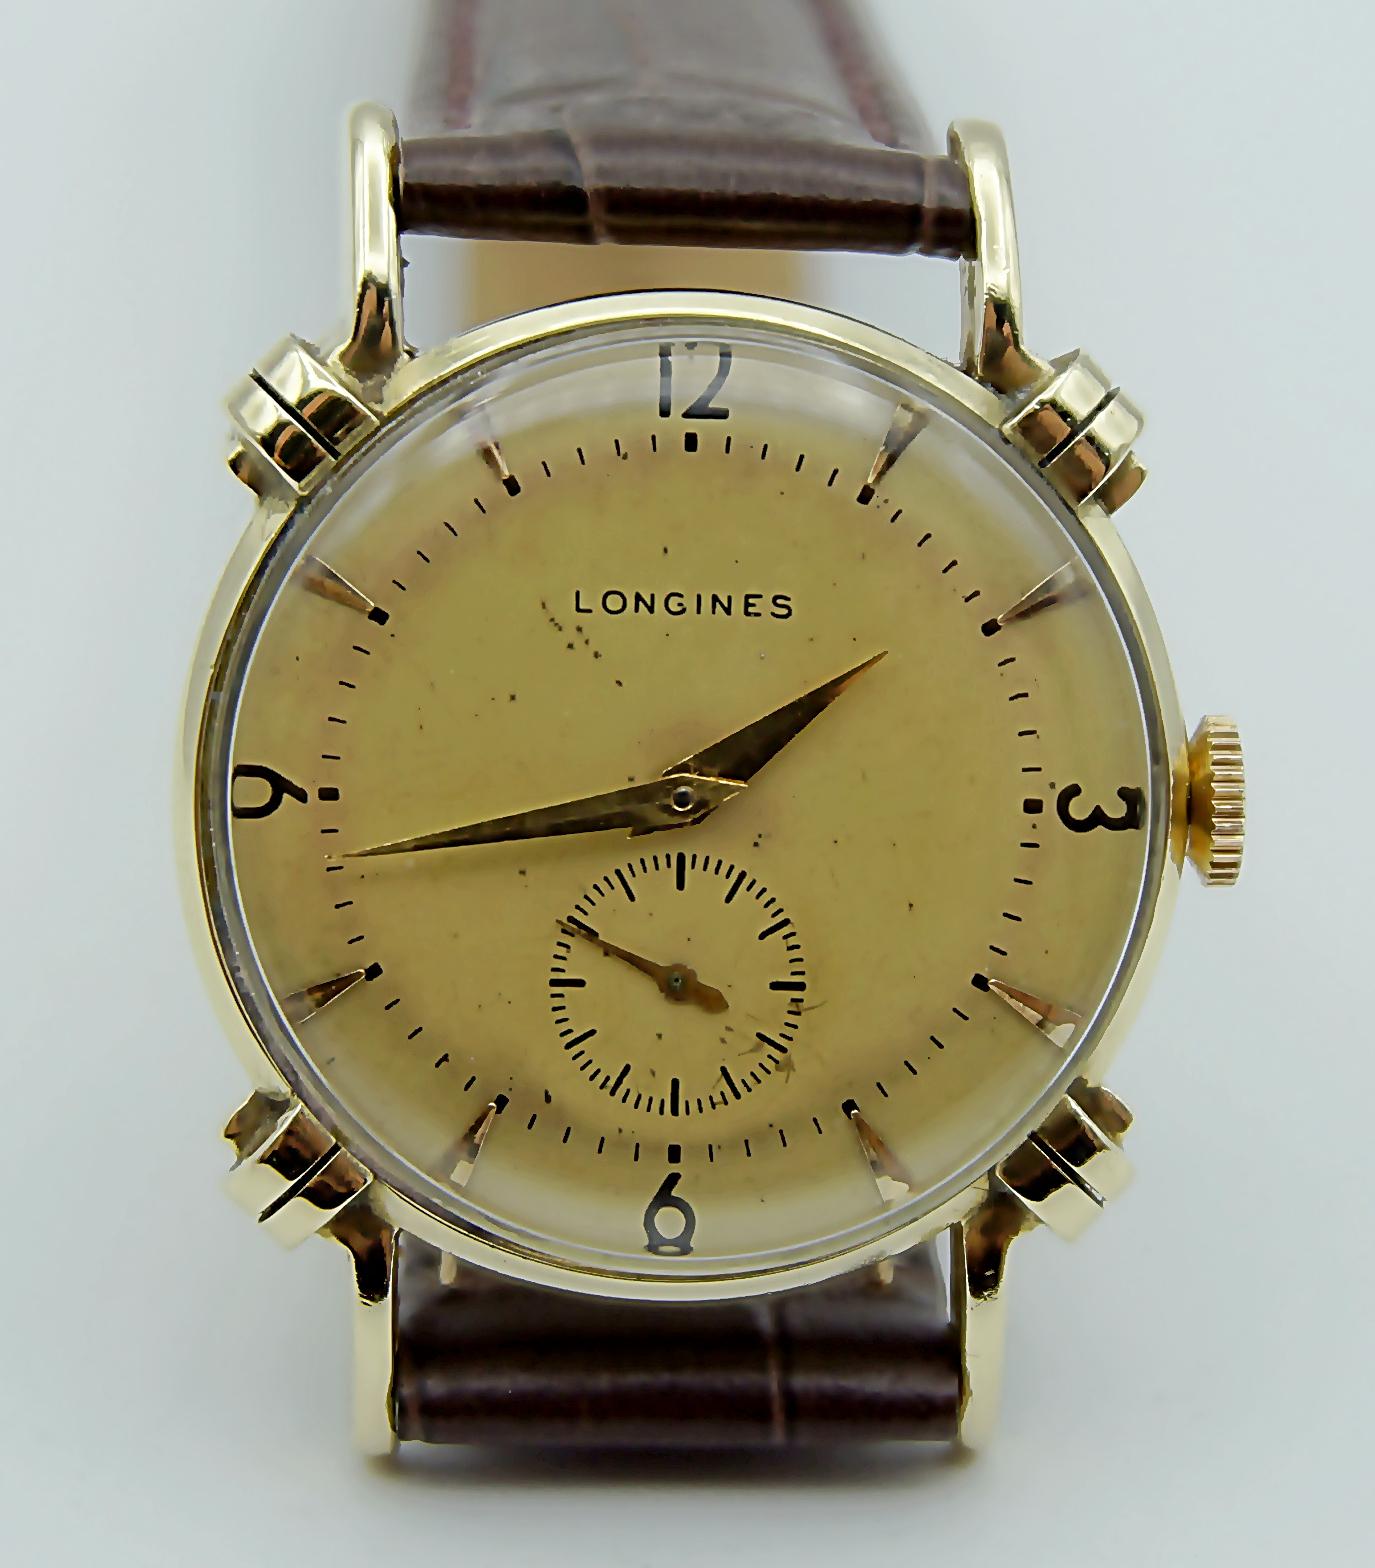 นาฬิกาเก่า LONGINES ไขลาน ตัวเรือนทองคำแท้